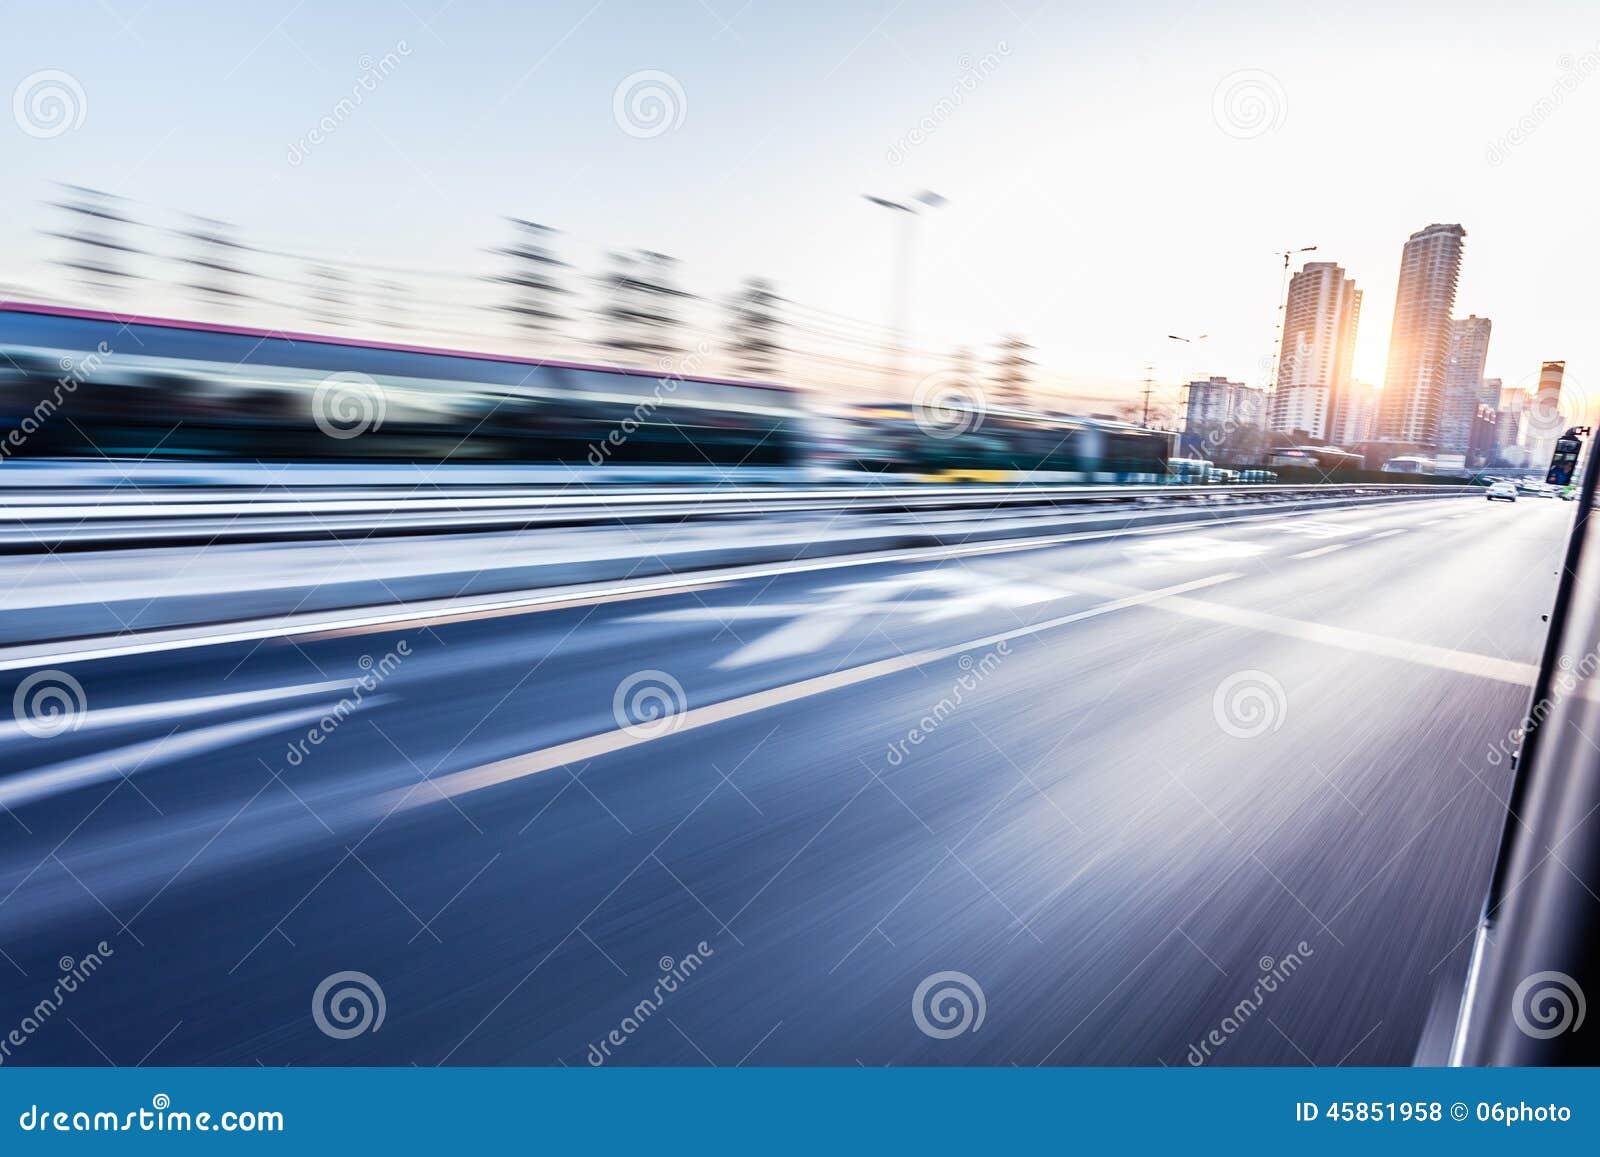 Autofahren auf Autobahn, Bewegungsunschärfe